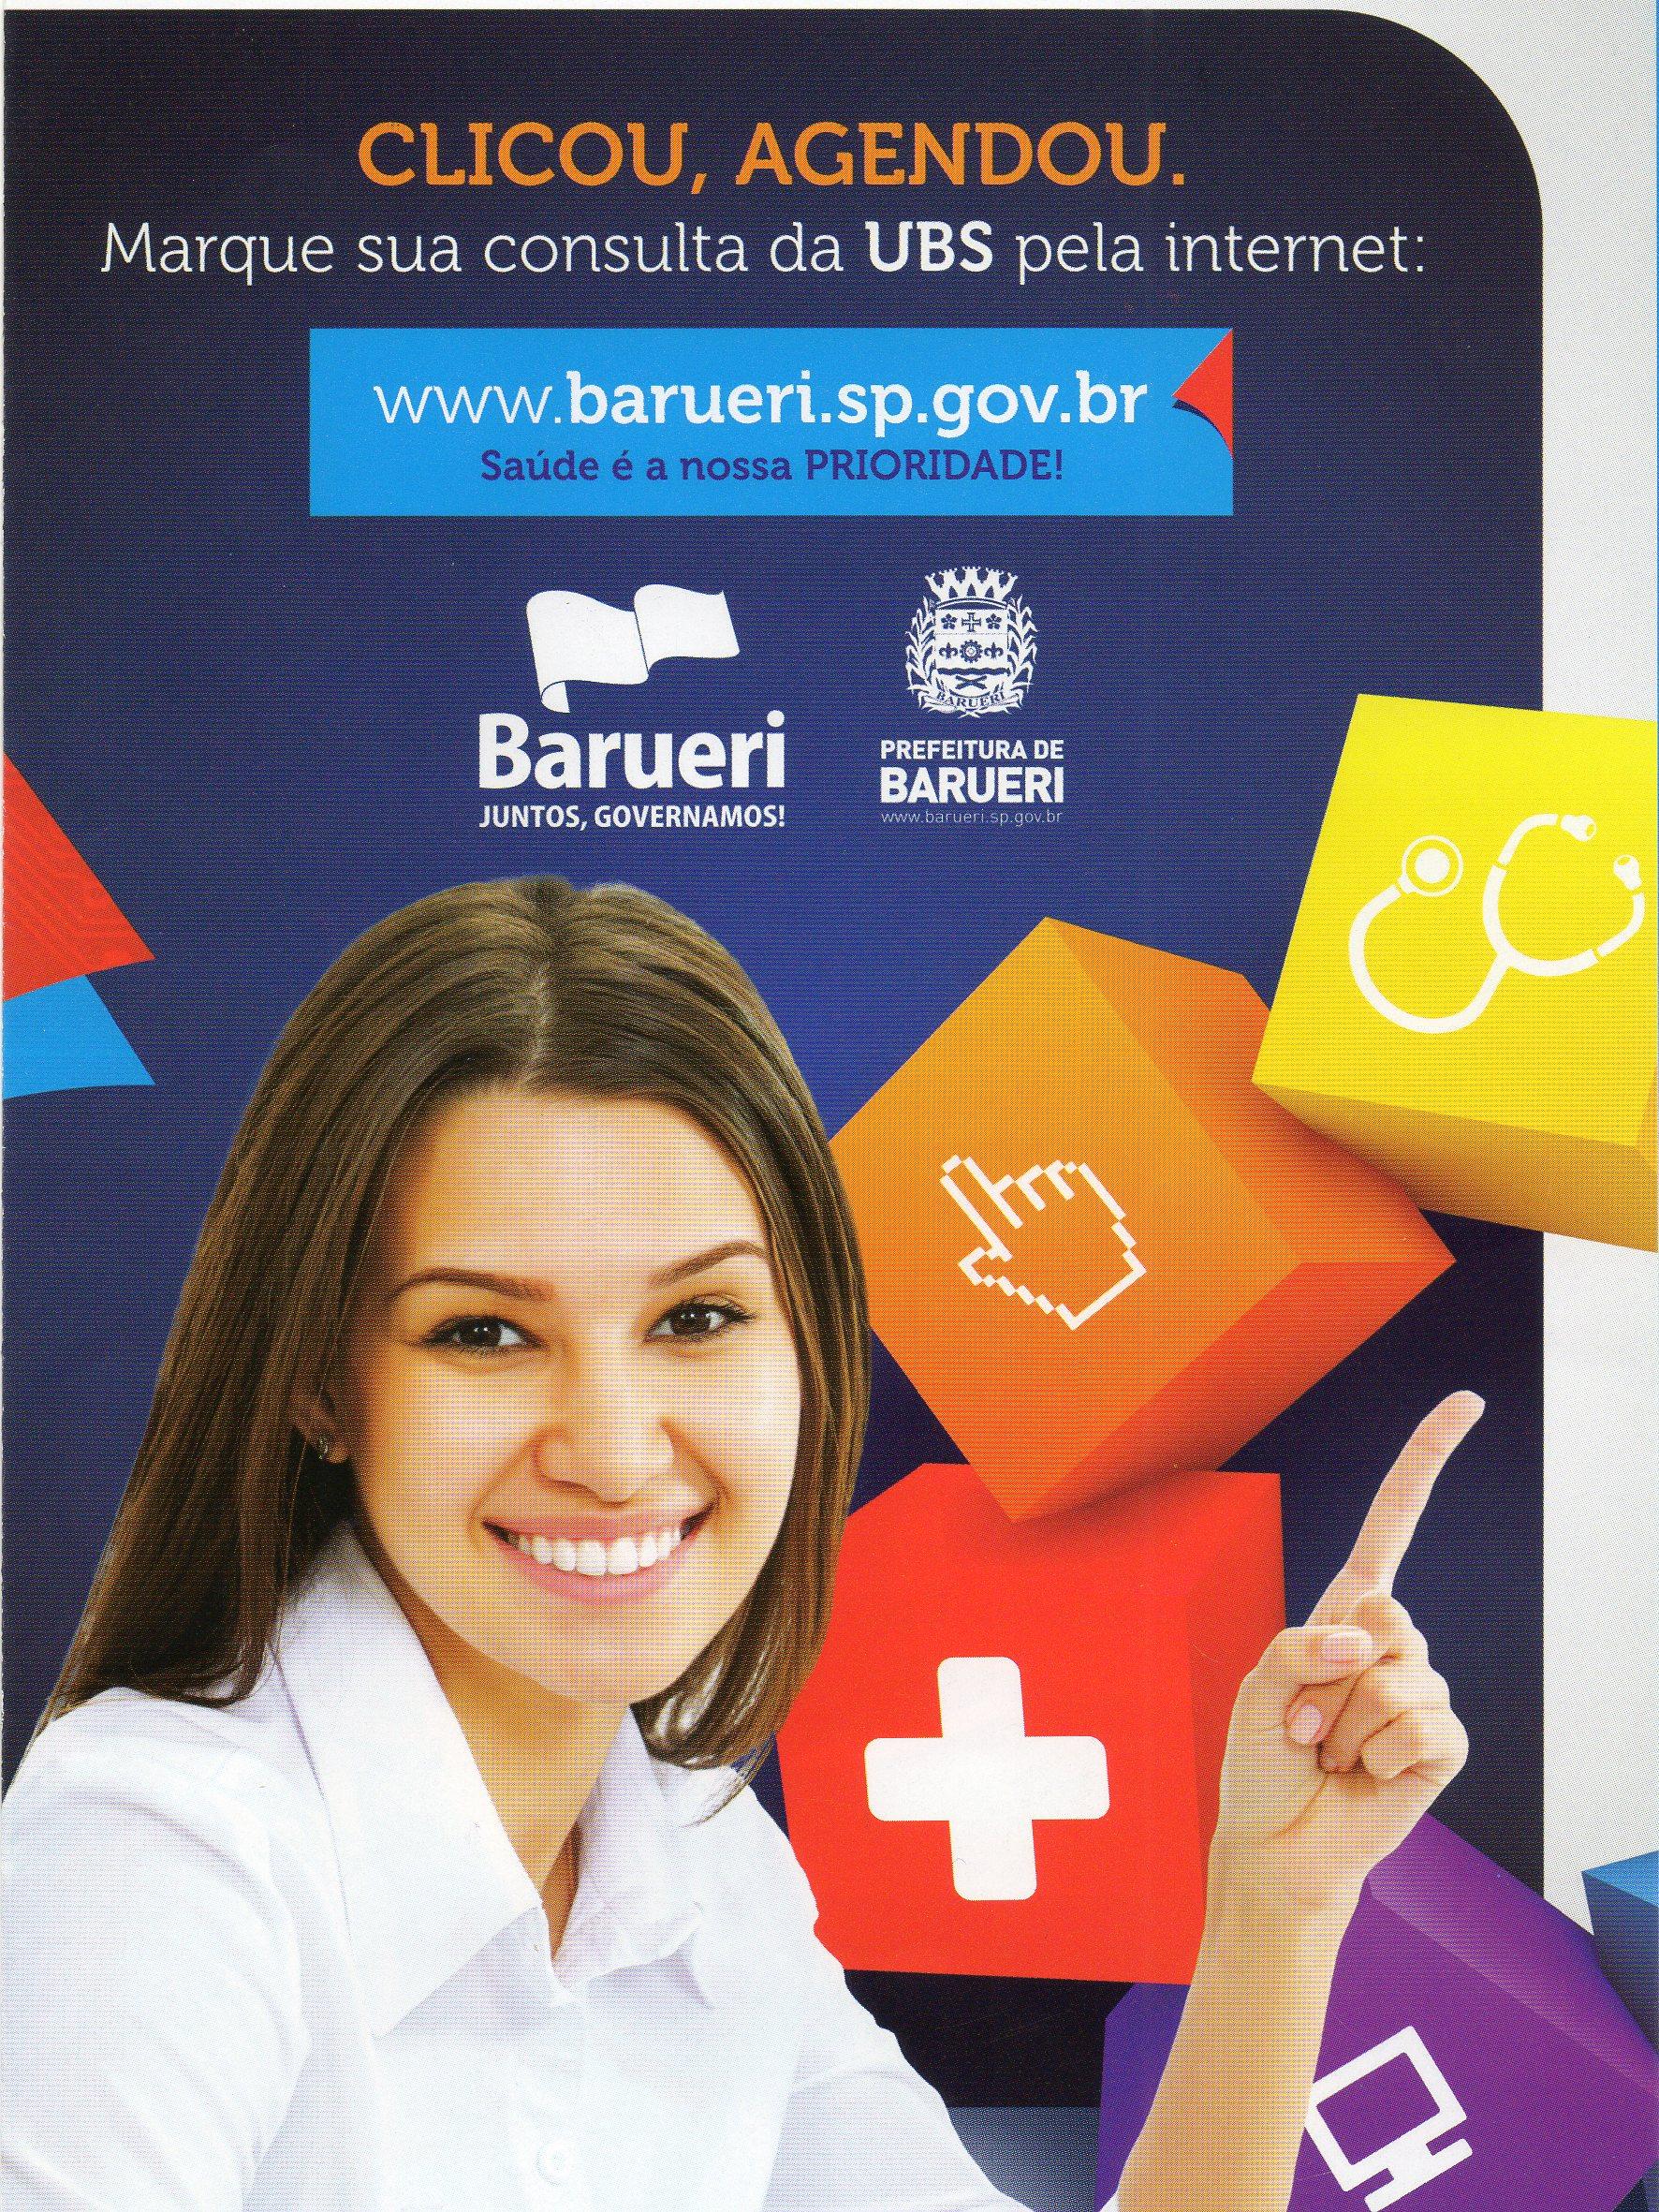 Agendar Ou Marcar Consulta Online Da UBS – Unidade Básica De Saúde, Barueri SP